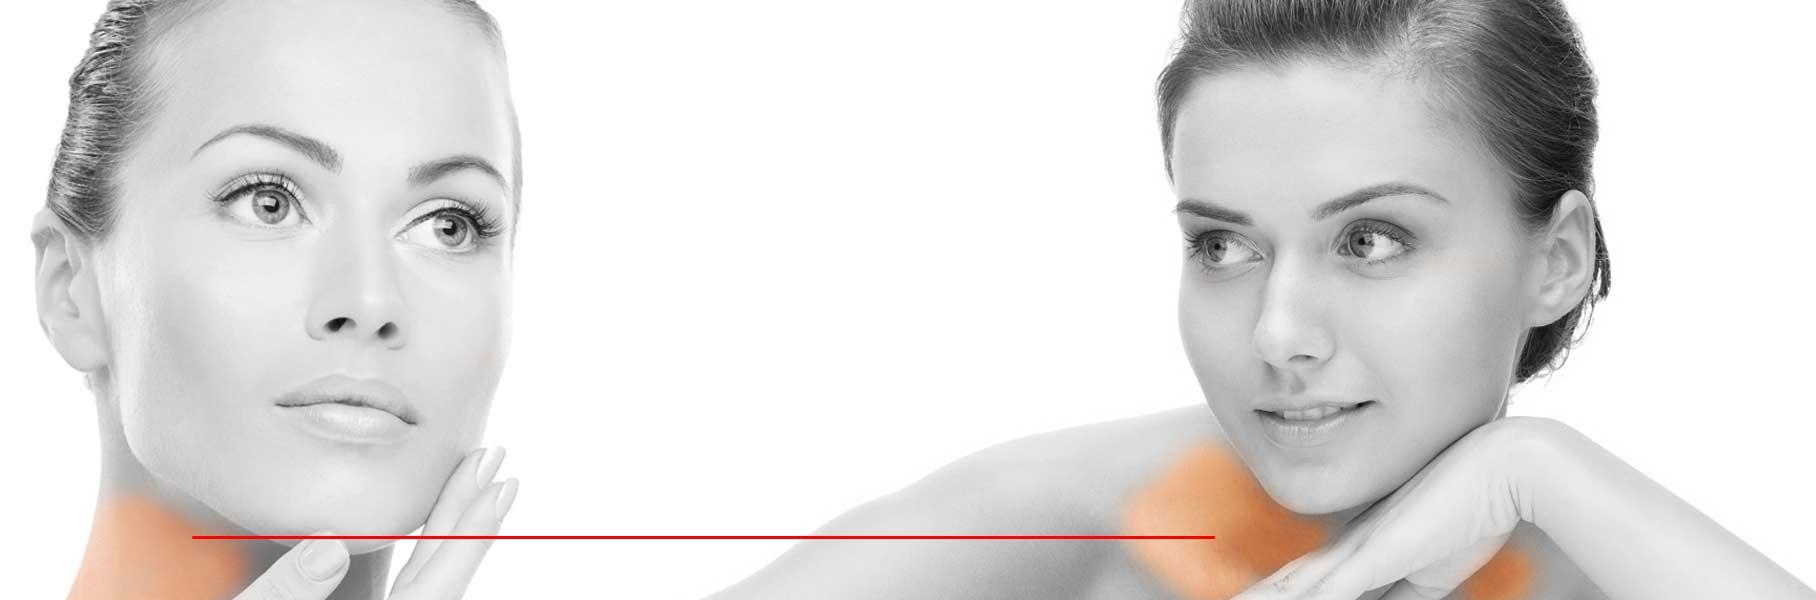 acide hyaluronique le cou a paris 1